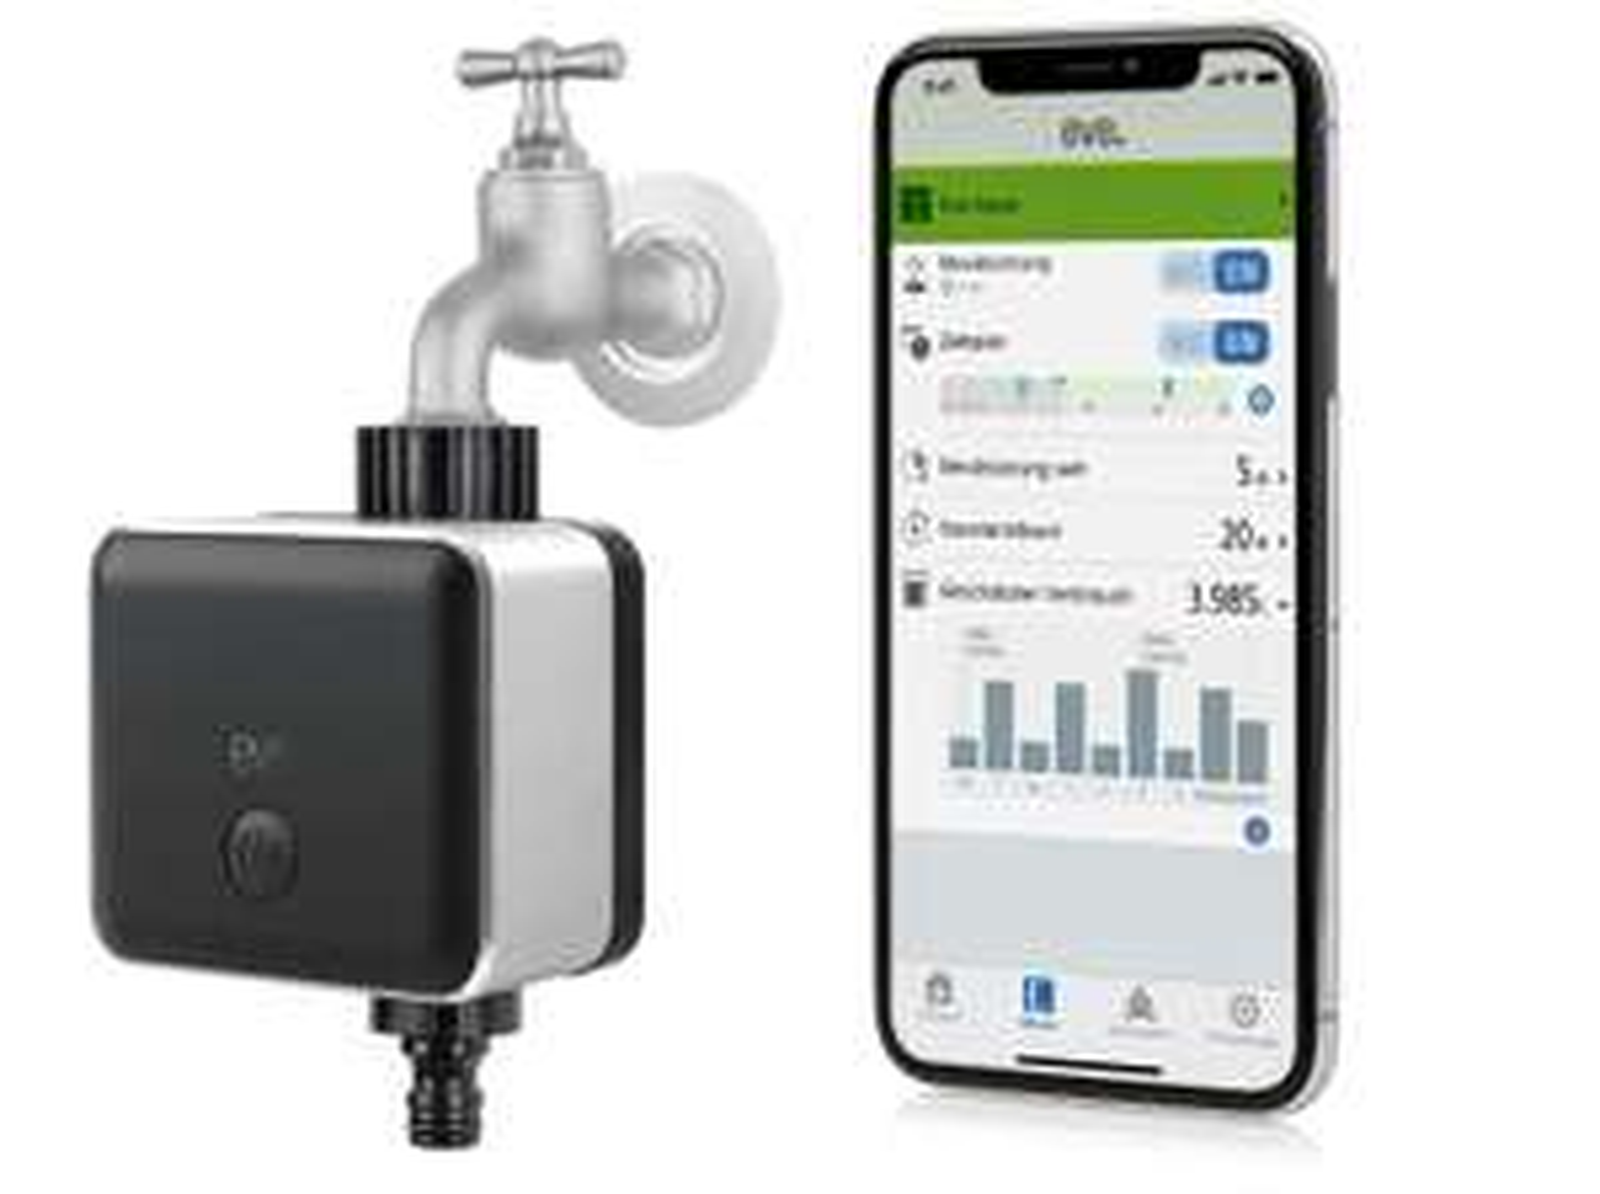 [Amazon] Eve Aqua - Smarte HomeKit Bewässerungssteuerung